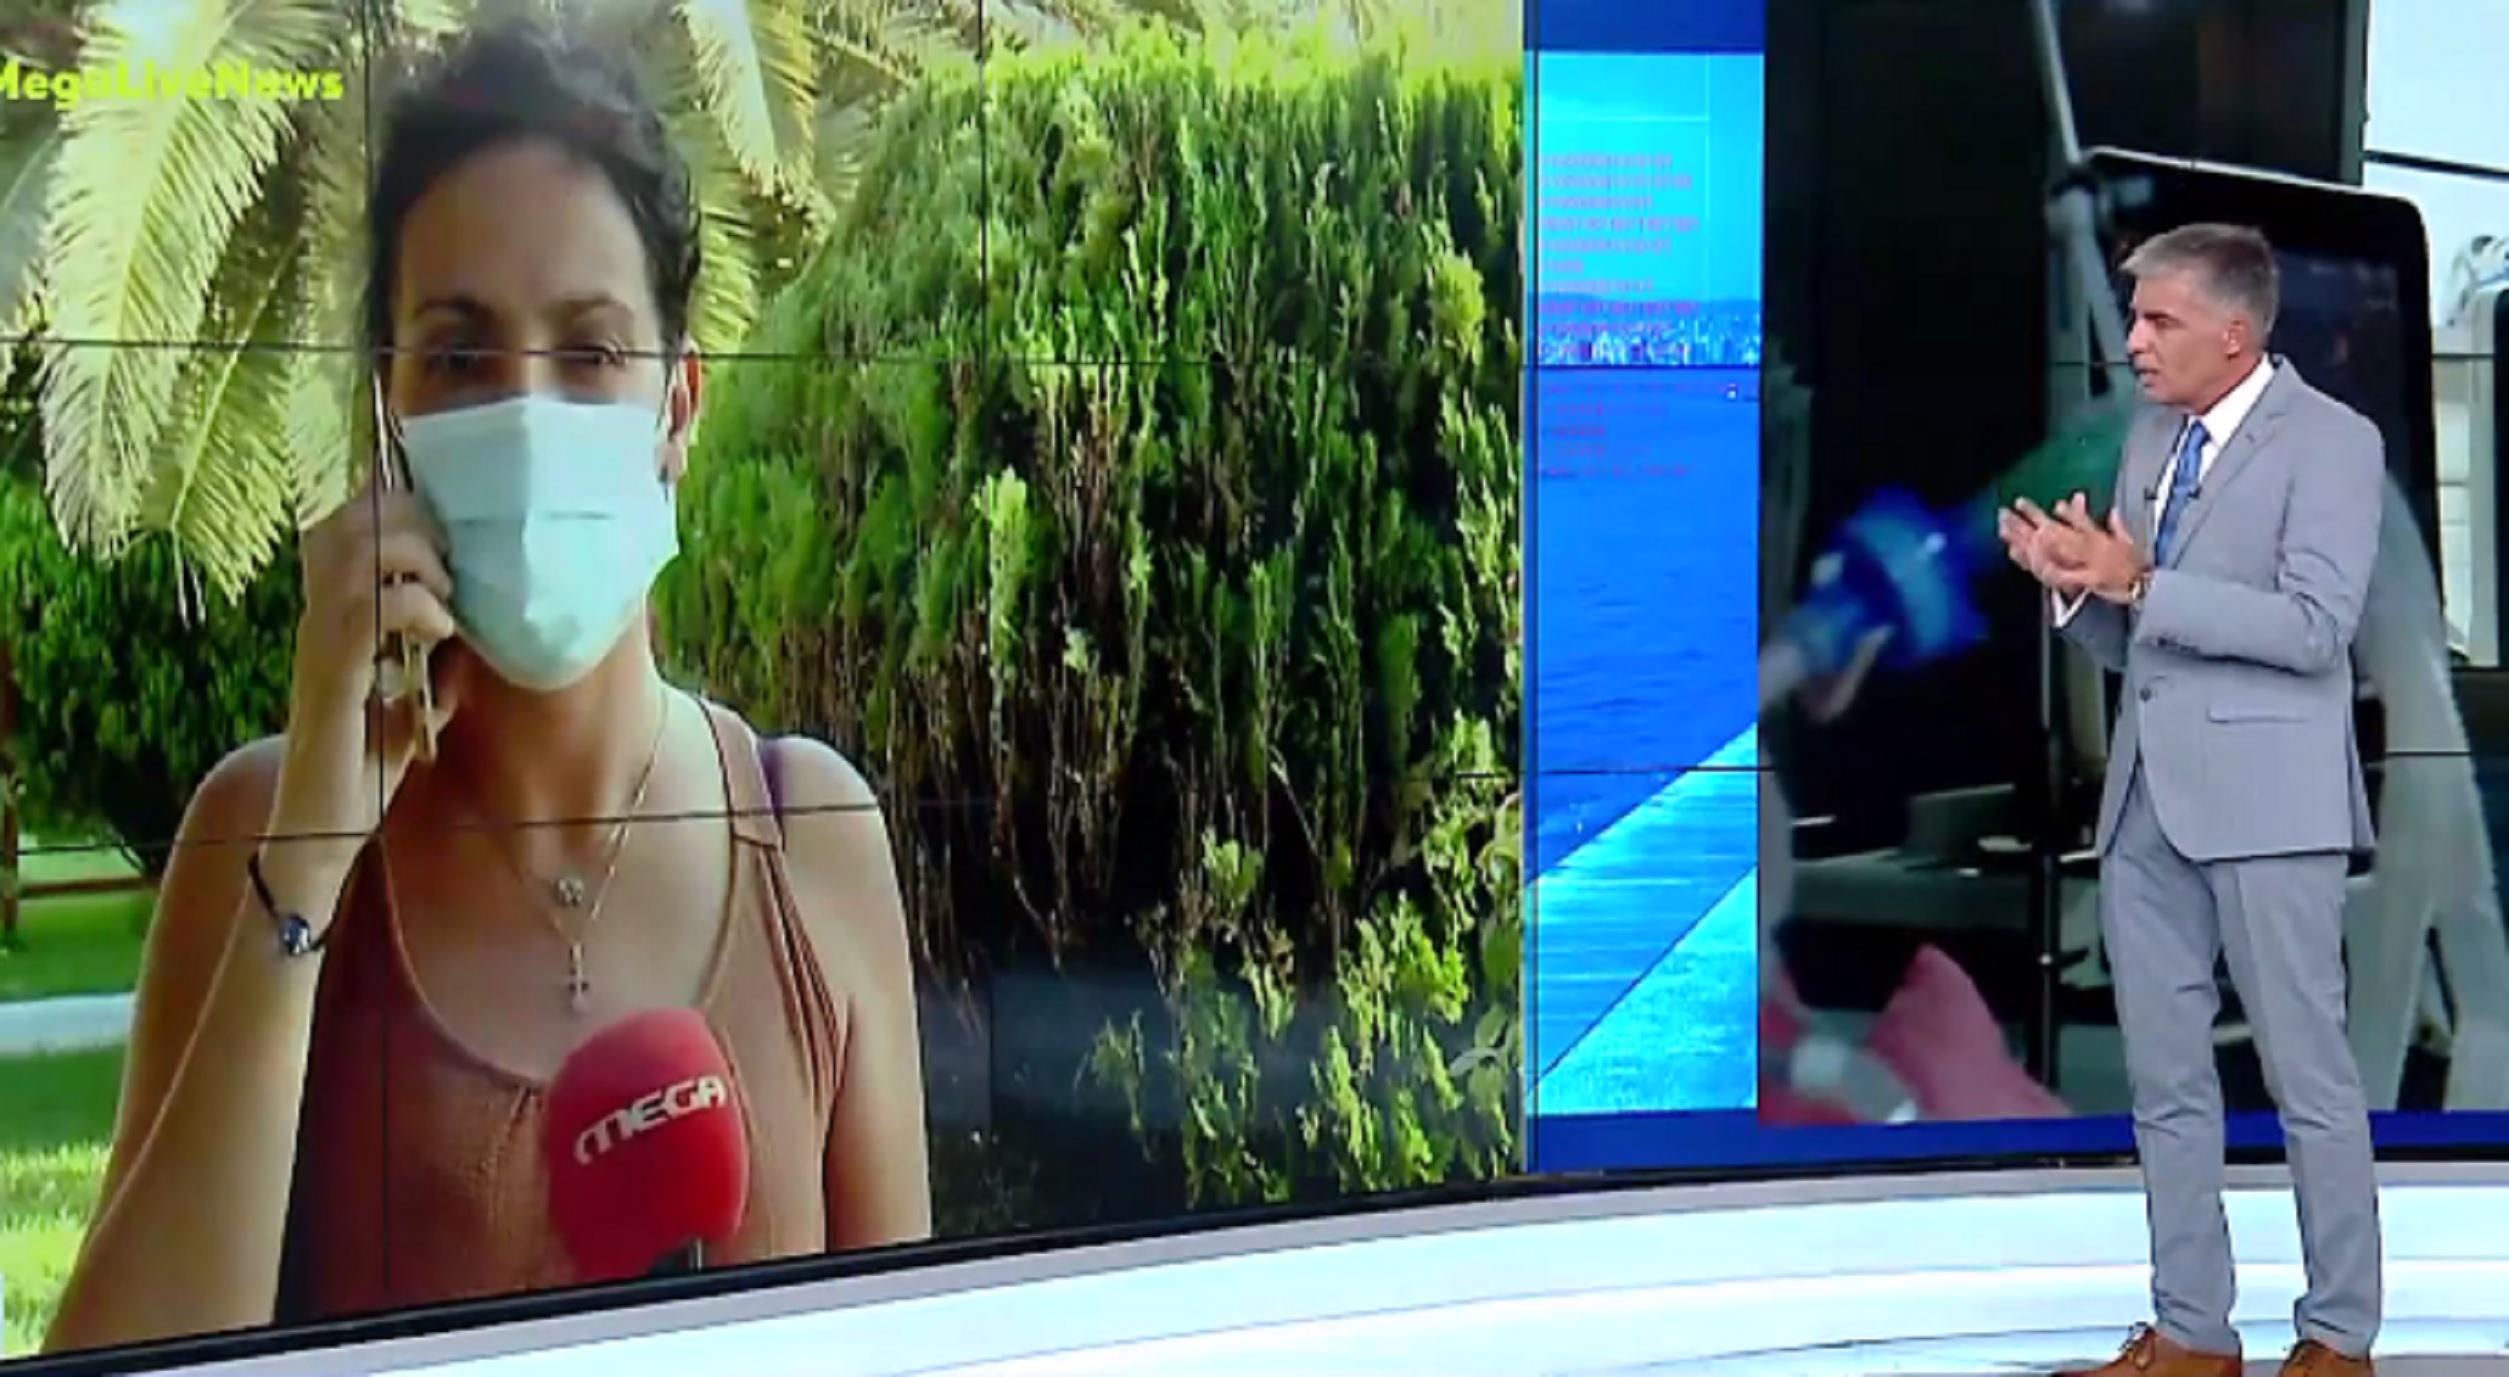 Κορονοϊός: Τι λέει στο Live News η νοσηλεύτρια που αρνείται να εμβολιαστεί